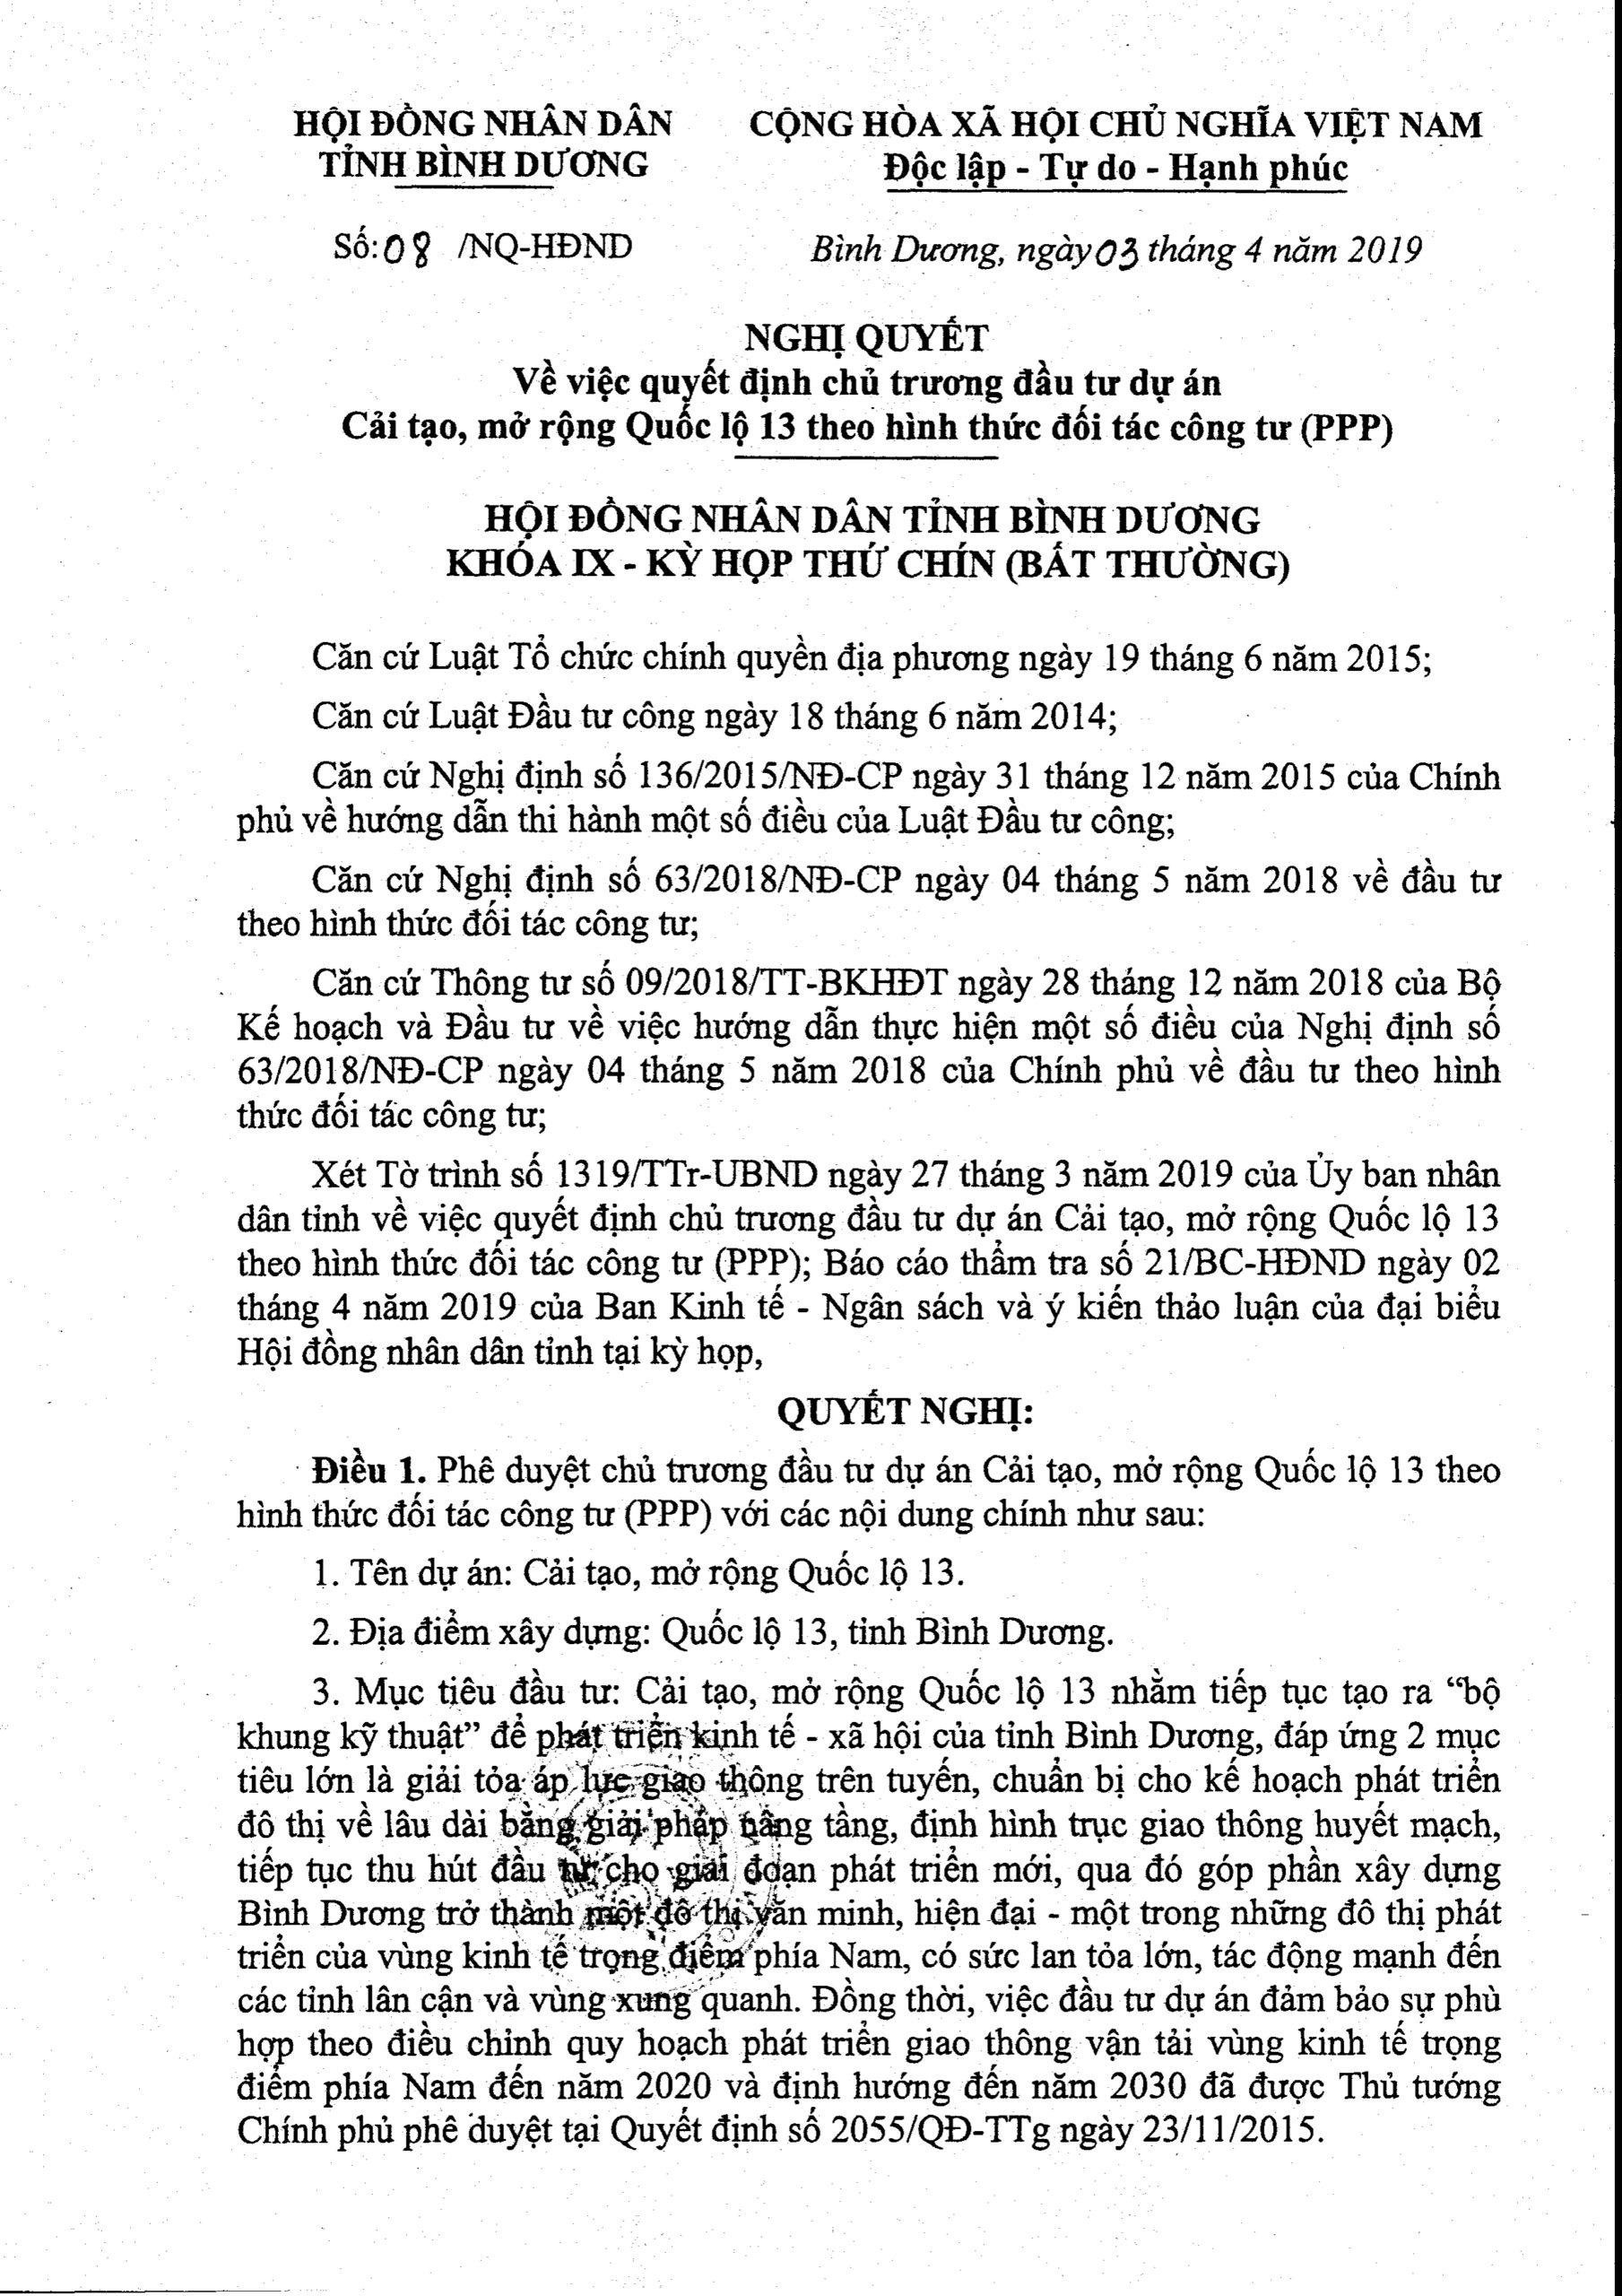 nghi quyet chu truong dau tu mo rong duong quoc lo 13 scaled - Định hướng quy hoạch Tỉnh Bình Dương mới nhất